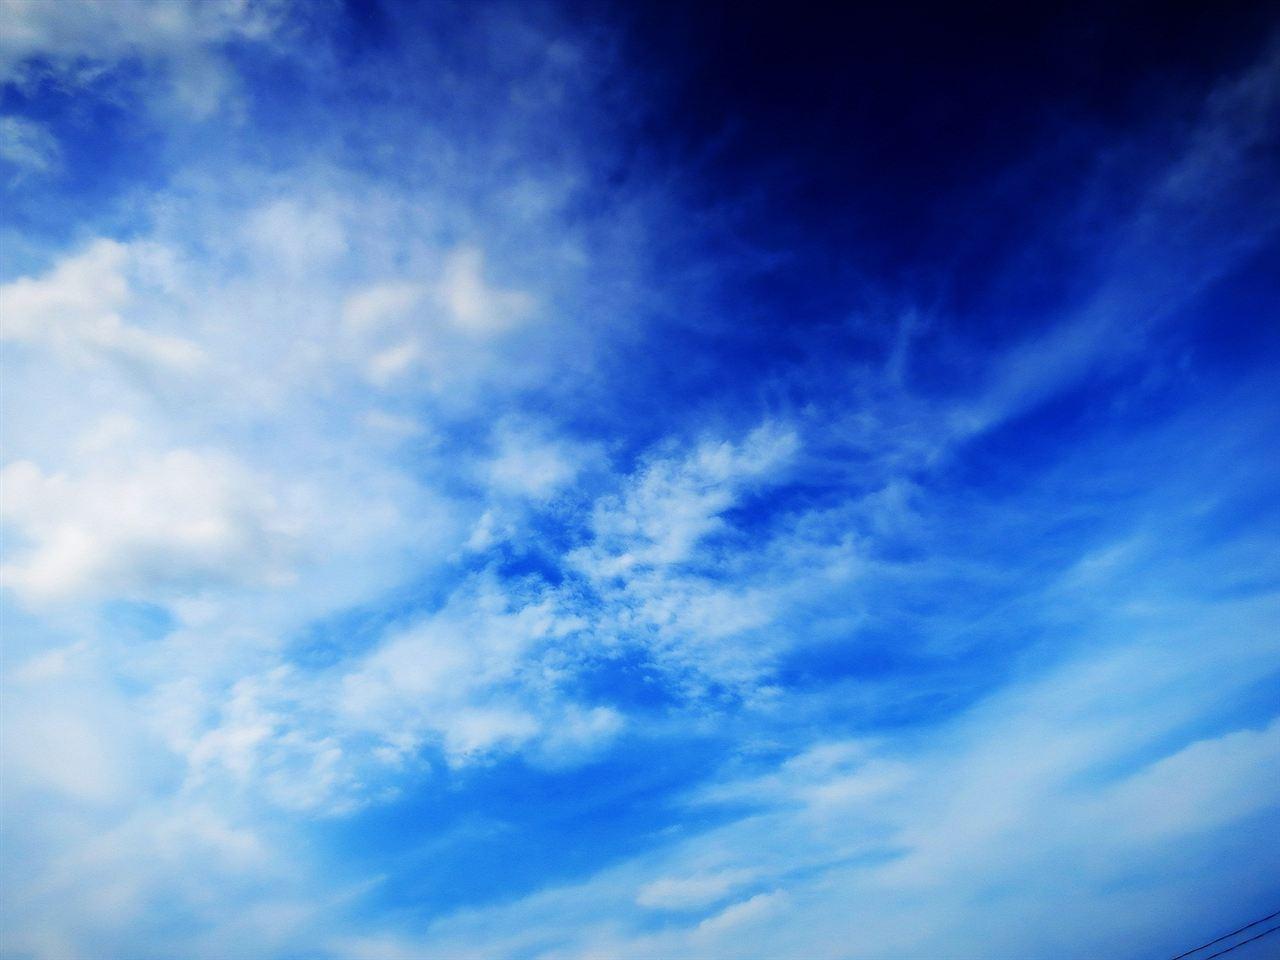 久々の青空